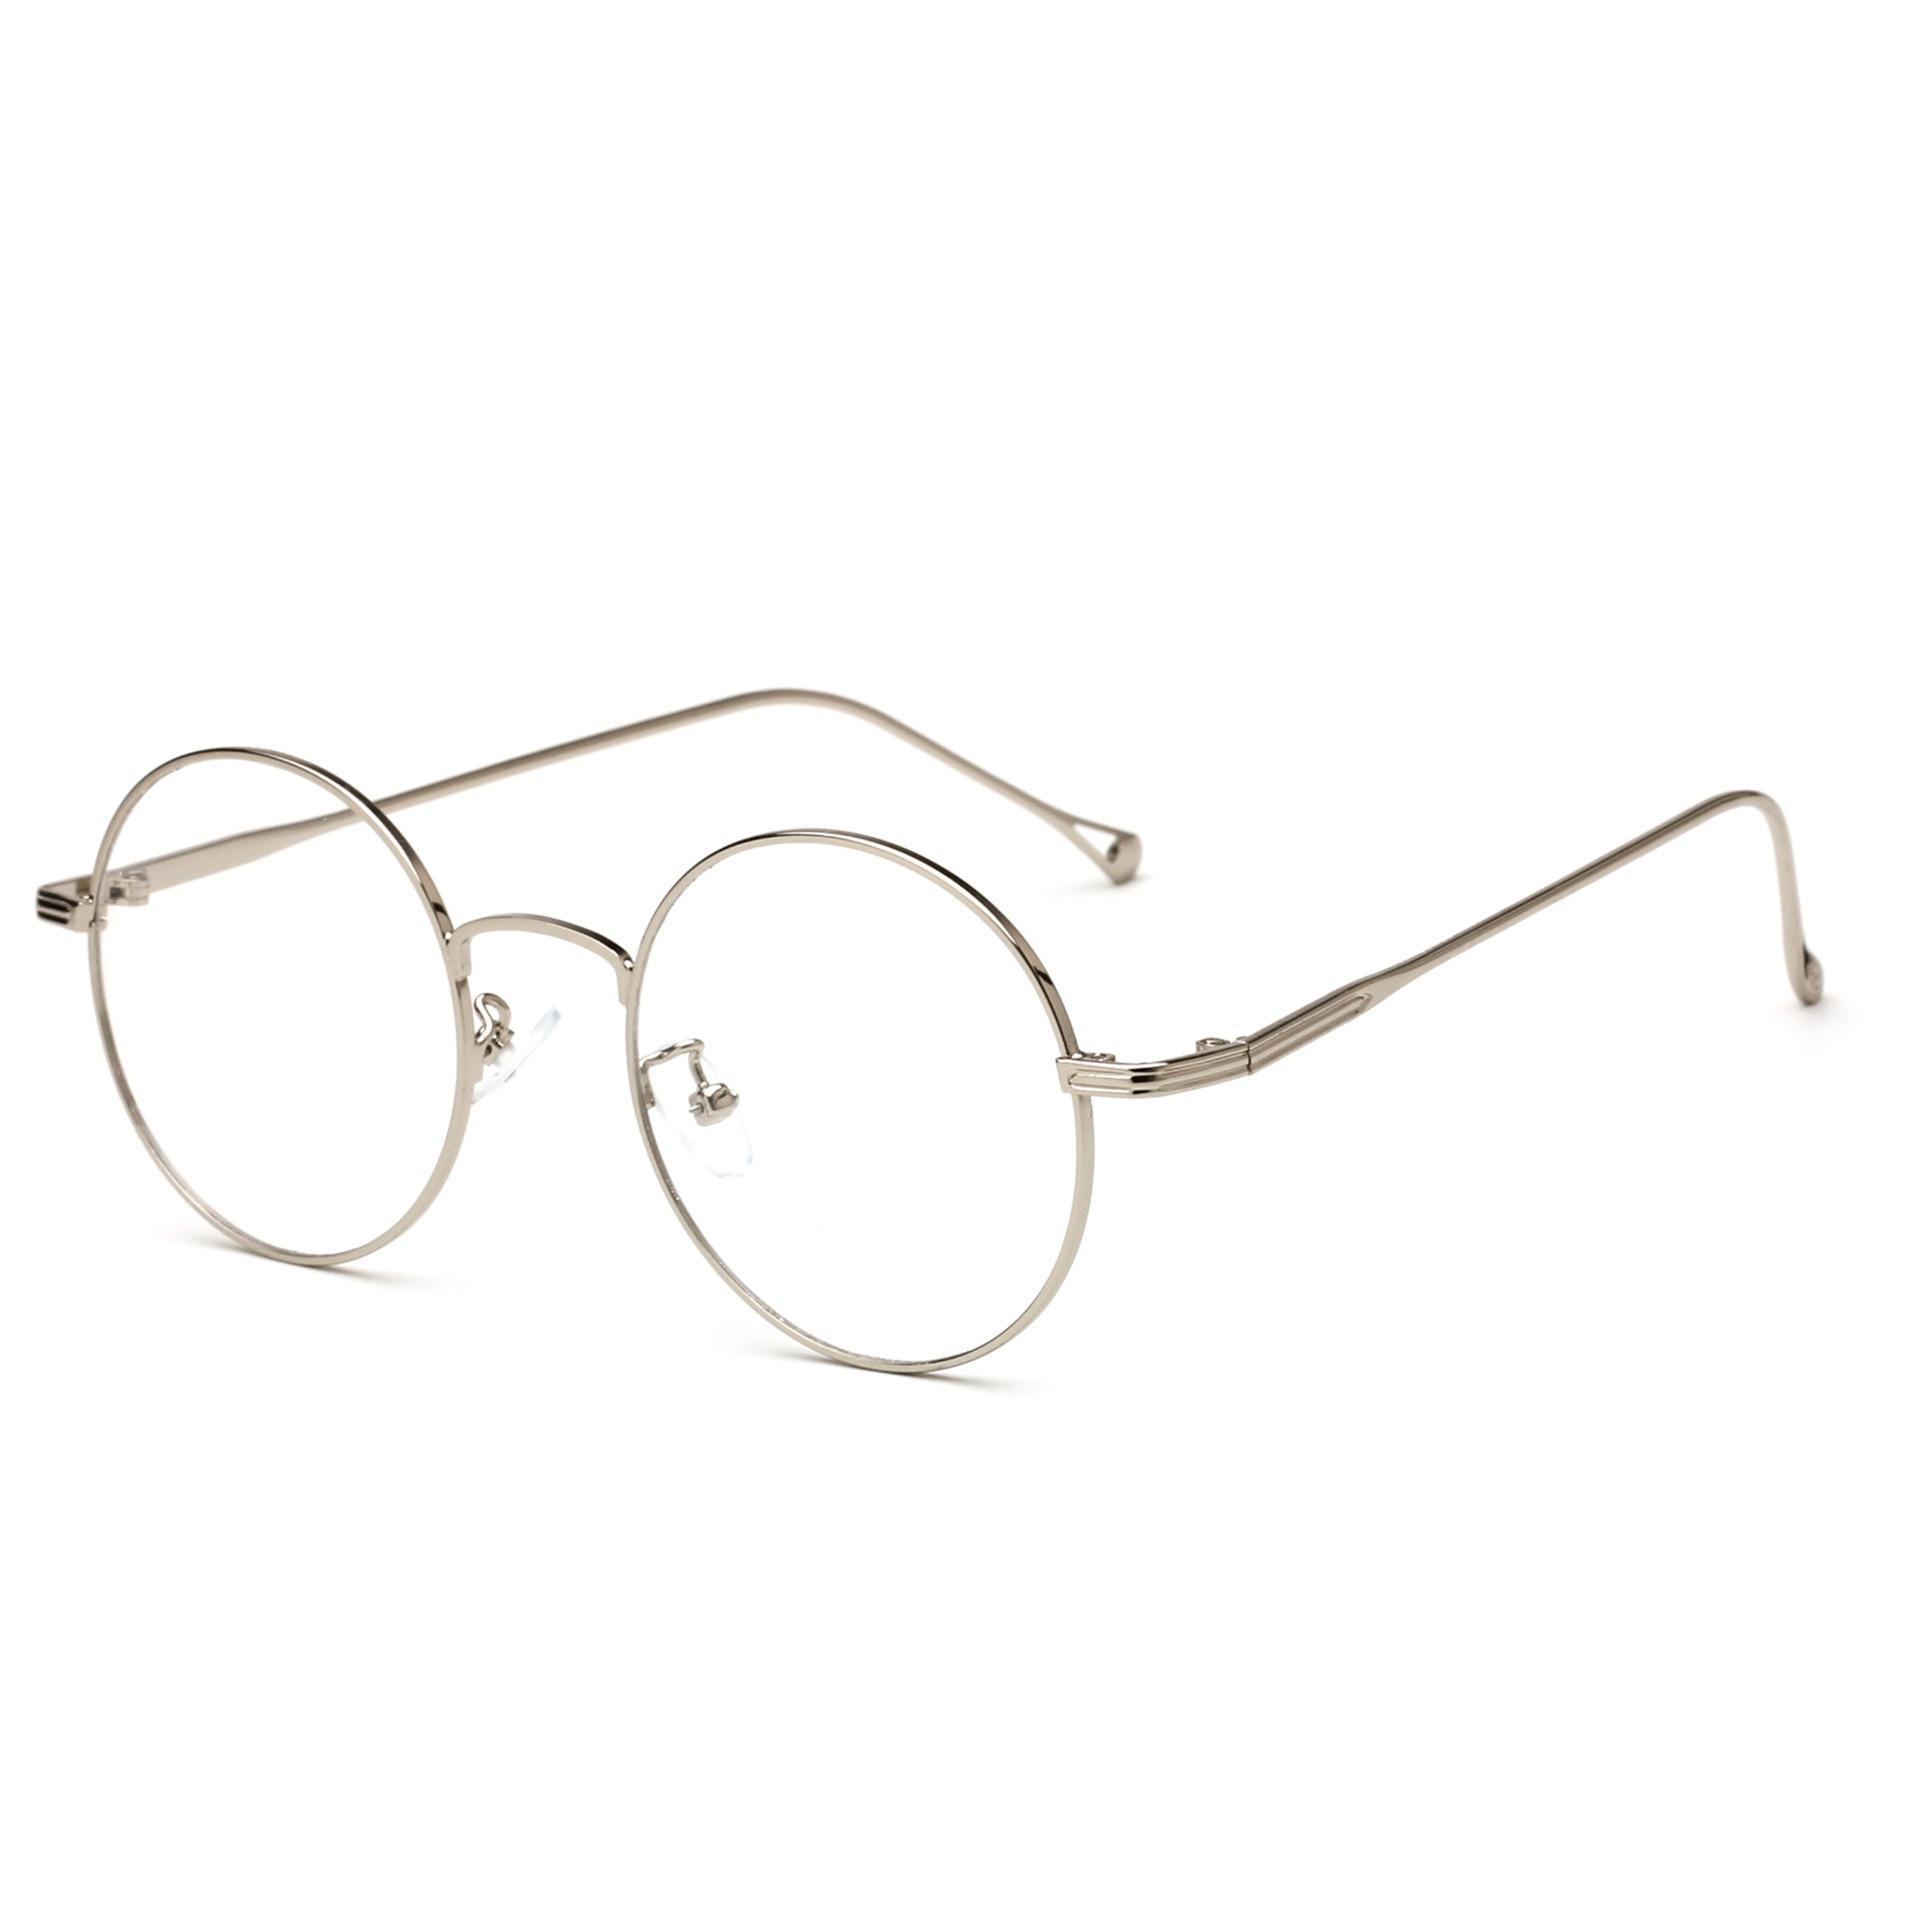 acb23b9f6255b Compre 2018 Promoção Liga Sólida Unisex Óculos Gafas Retro Rodada Óculos De Metal  Quadro T Novo Espelho Plano Para E Aprender De Juemin